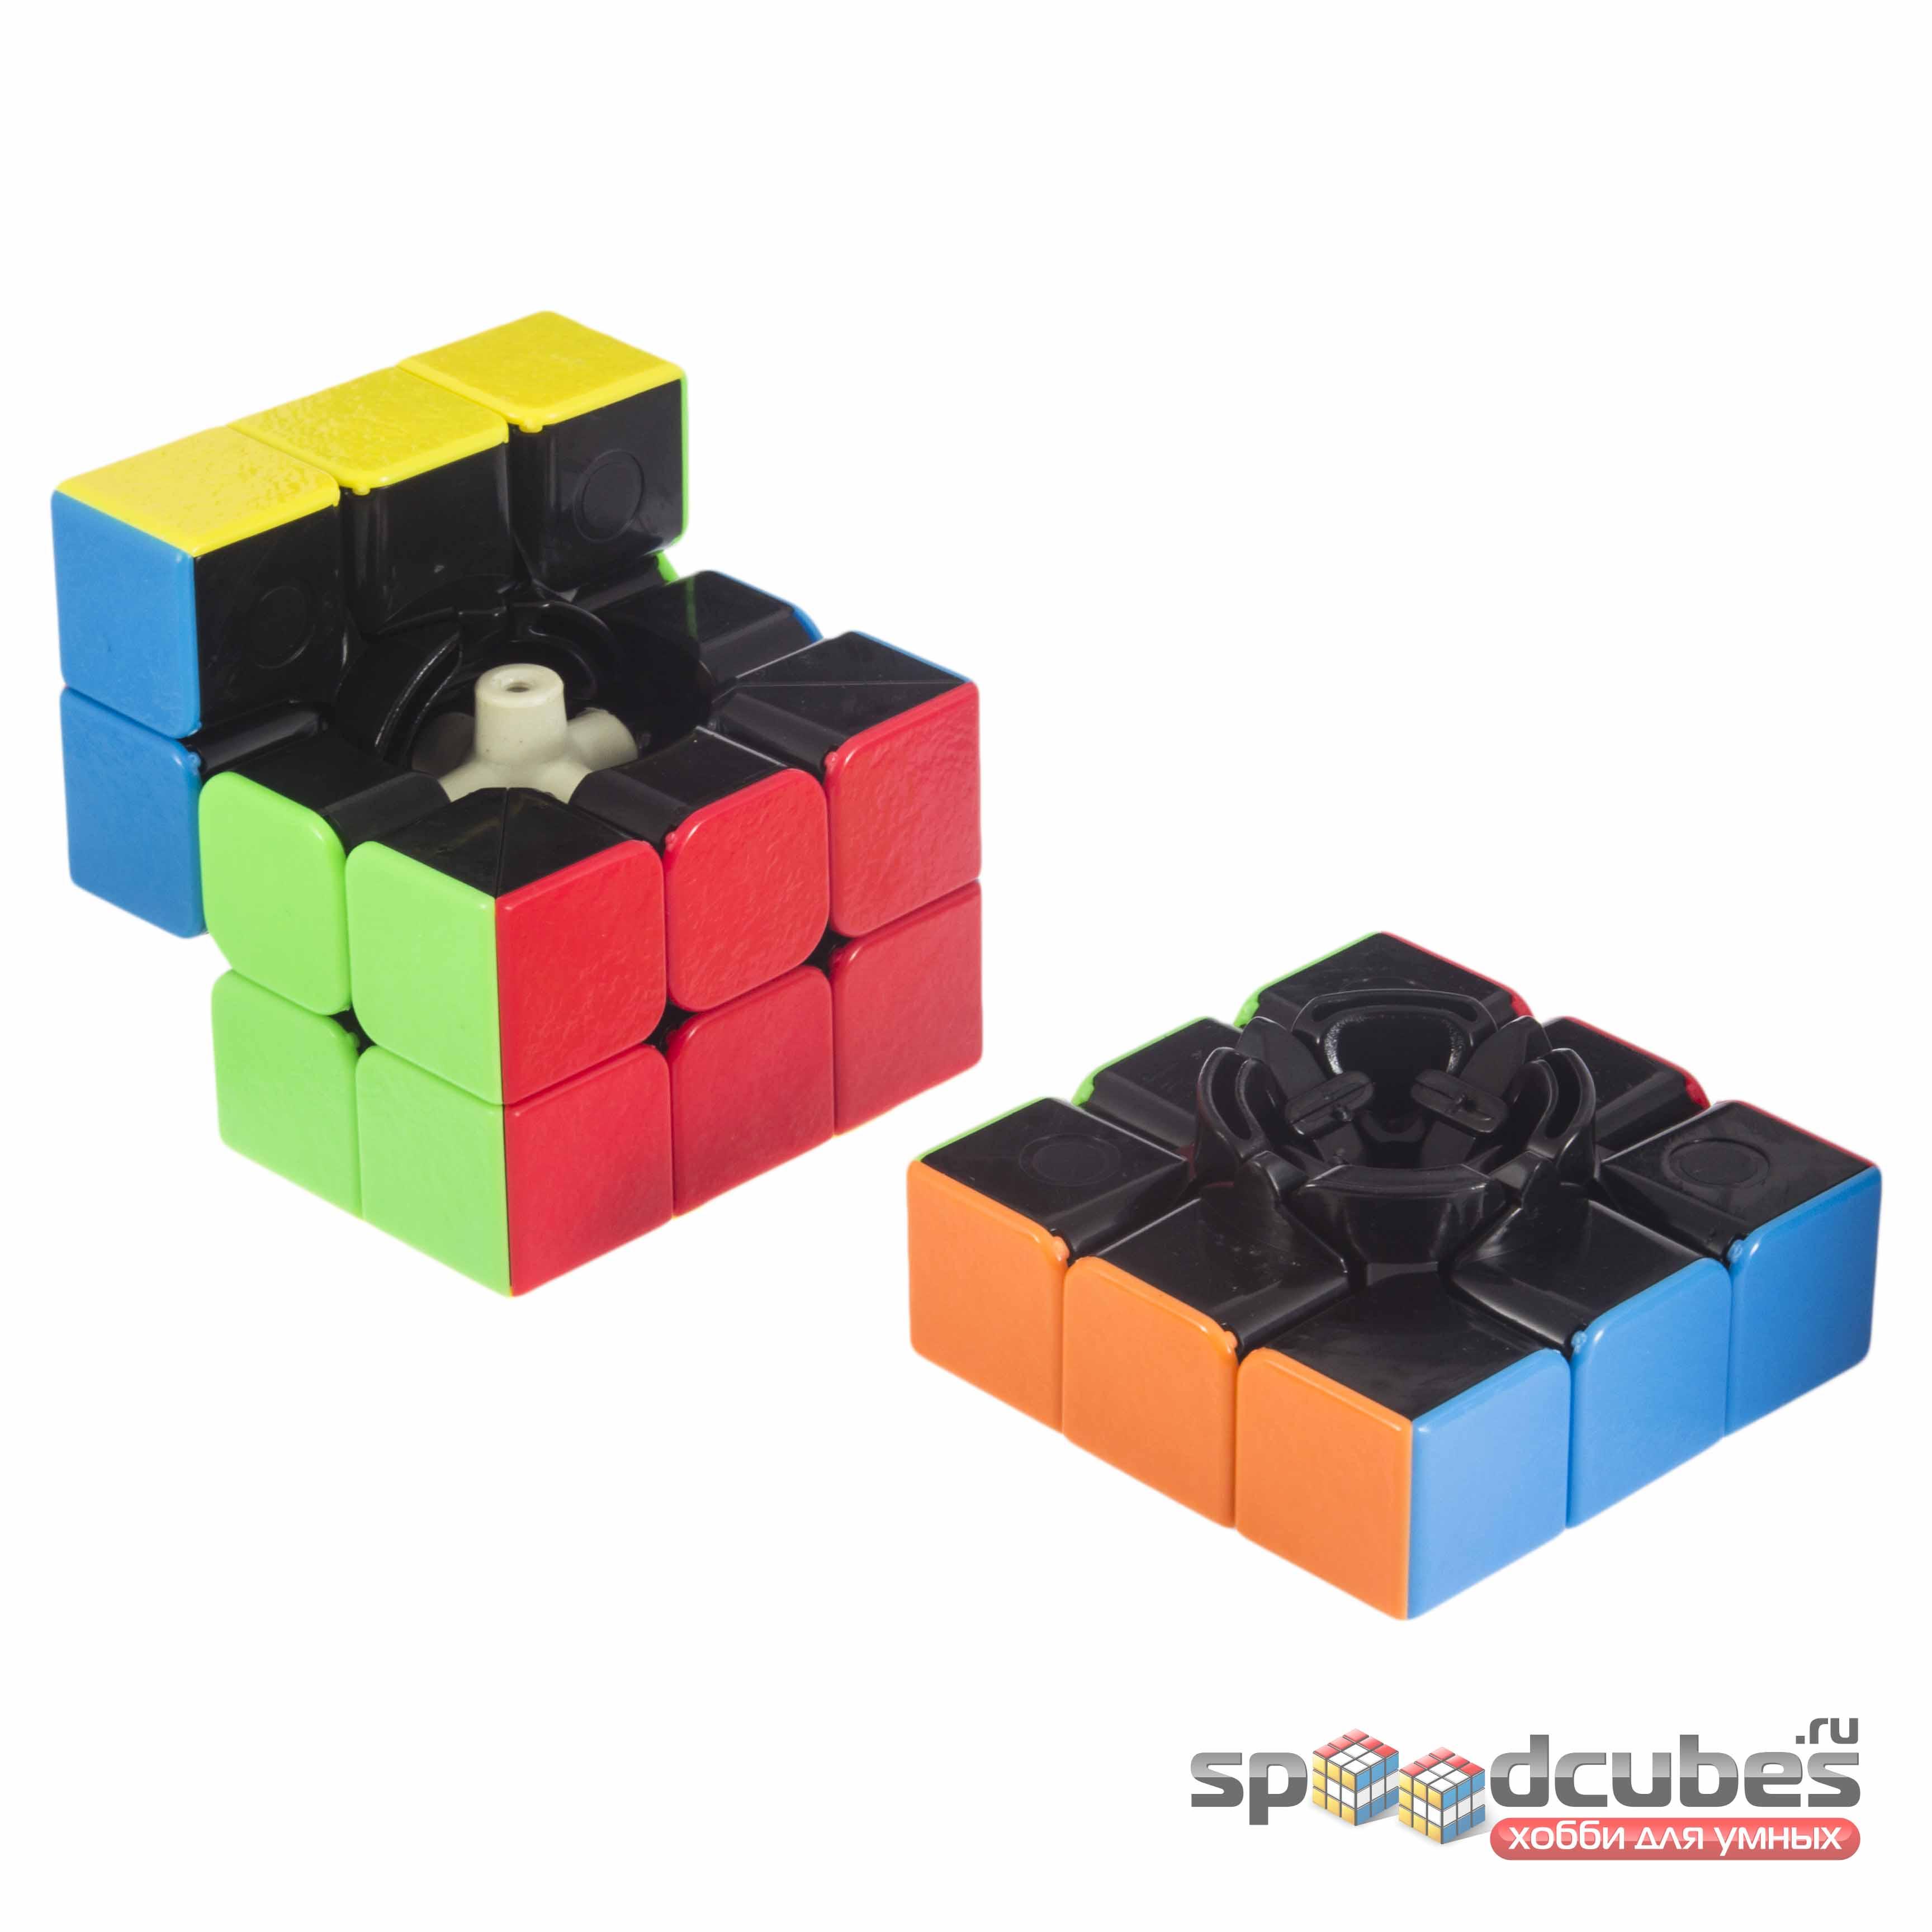 Shengshou 3x3x3 Gem Color 4